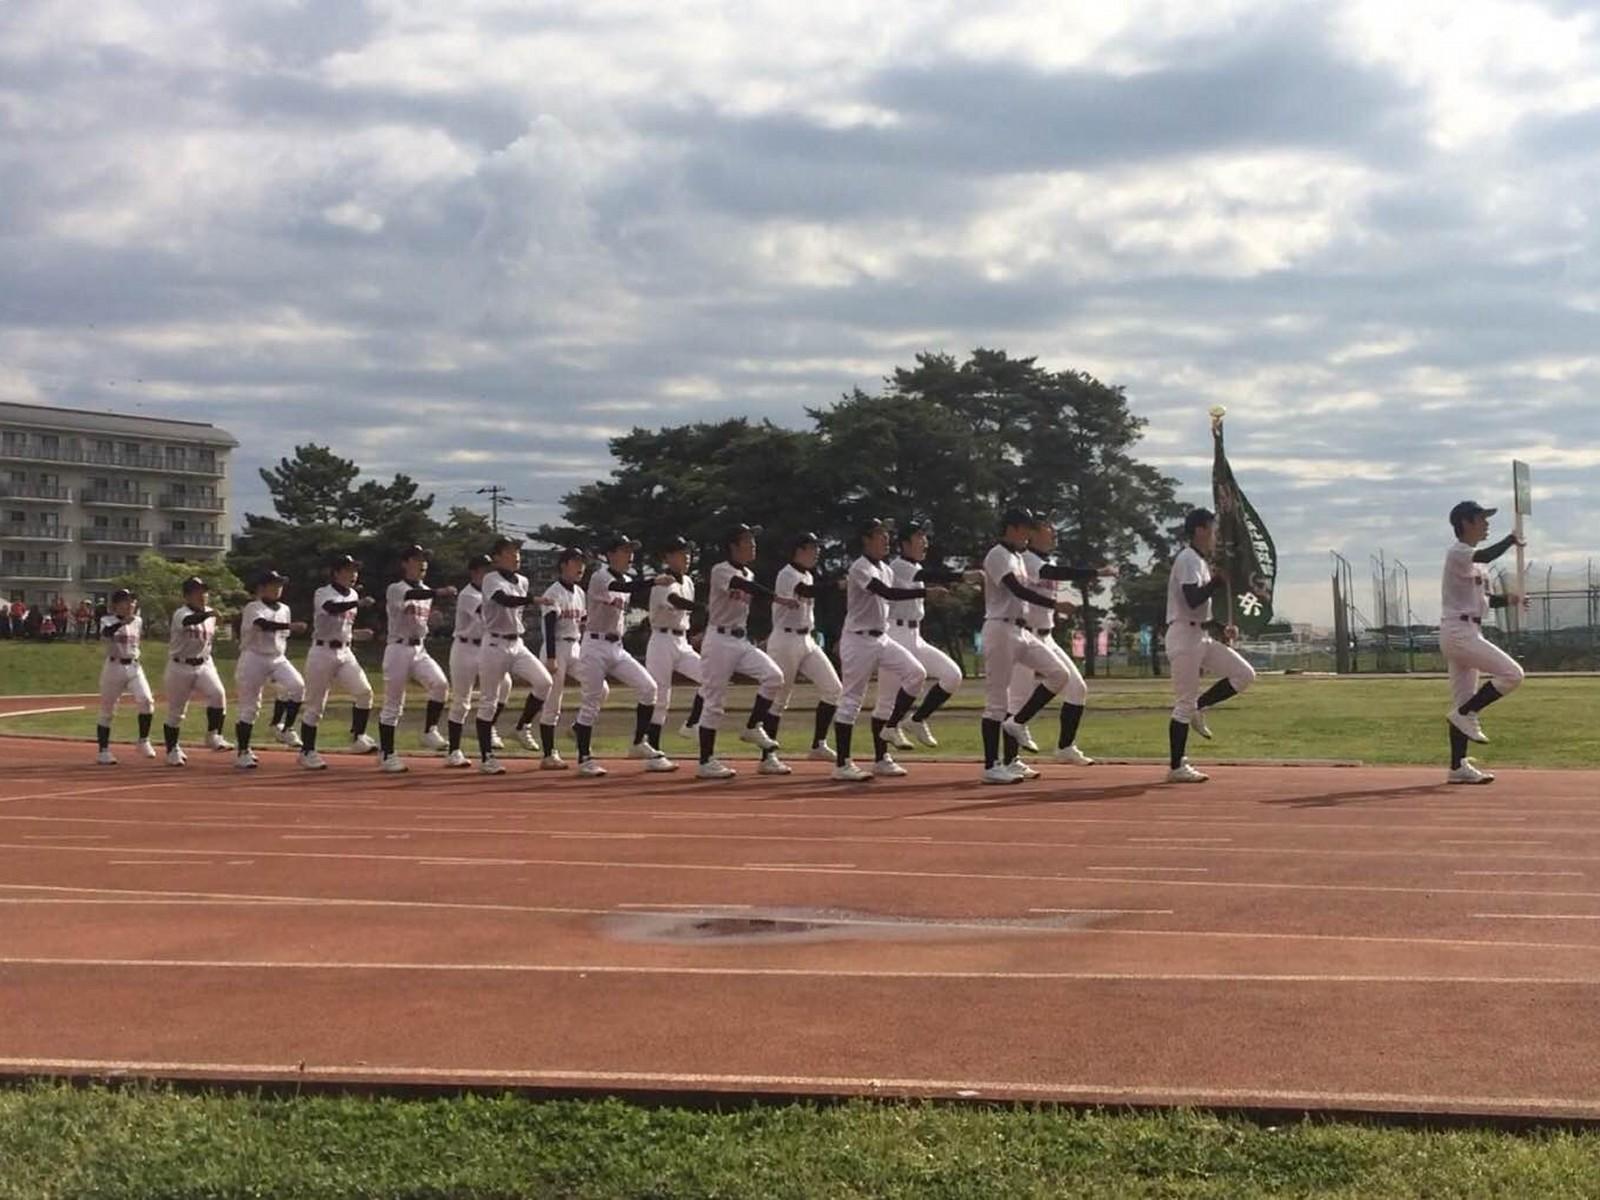 2016.04.30 第20回土浦中央ロータリークラブ旗争奪リトルシニア野球大会